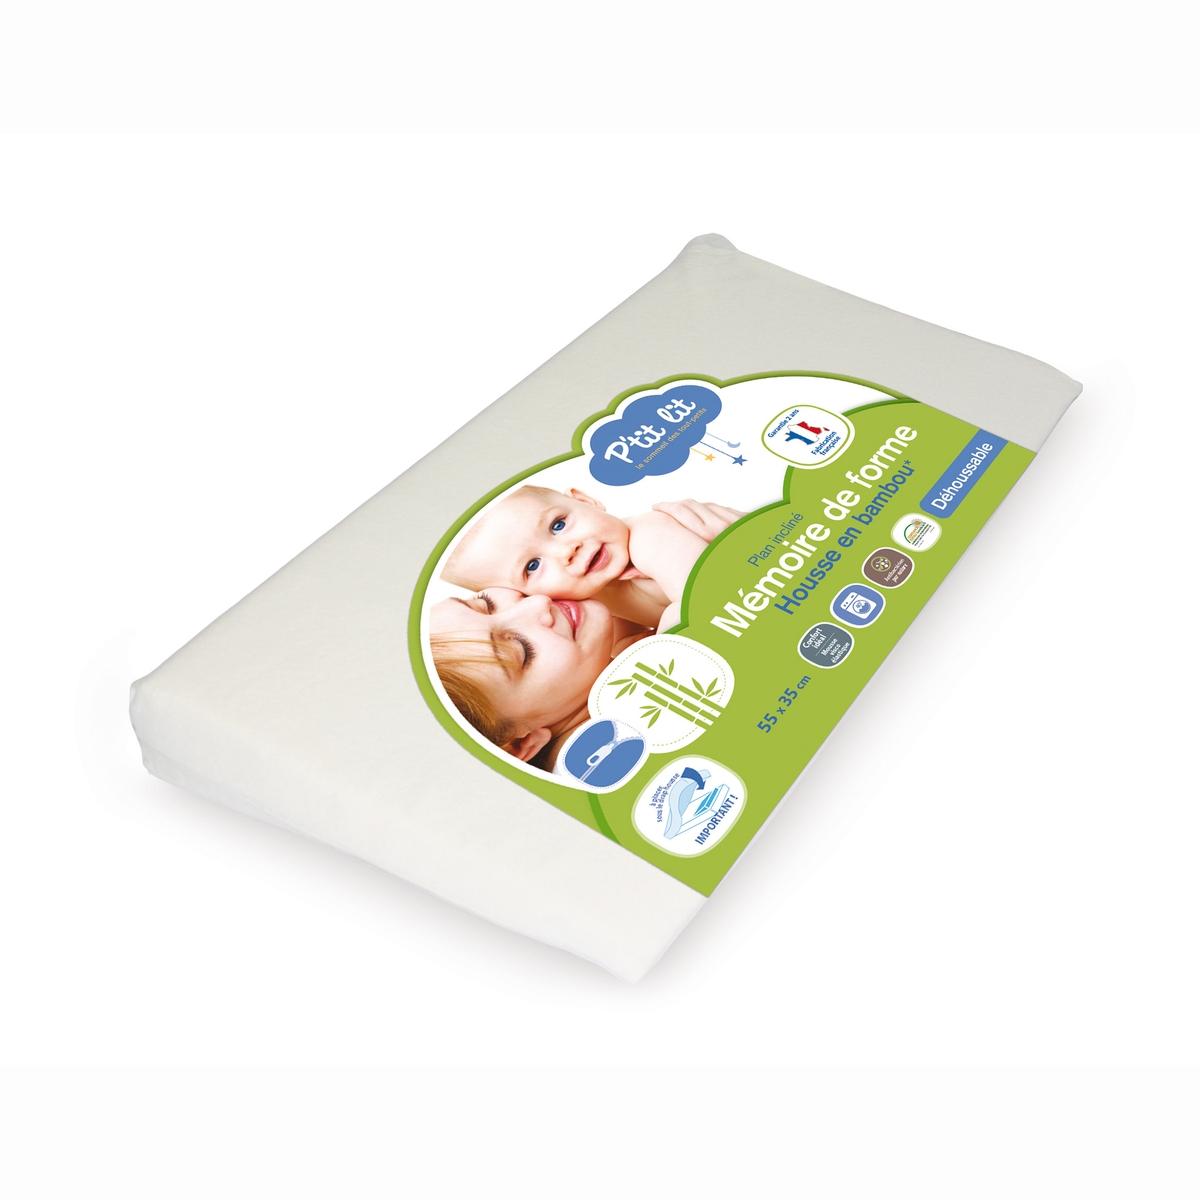 Кроватка P'TIT LITКроватка с наполнителем и памятью формы для спокойных ночей вашего малыша .Характеристики         - Чехол из бамбуковой вискозы, который можно снимать и стирать - Непромокаемый .   - Наполнитель с памятью формы. хорошо пропускает воздух.   - Стирка при 30°C   - Размеры. : 60 x 35 x 7 см .<br><br>Цвет: белый